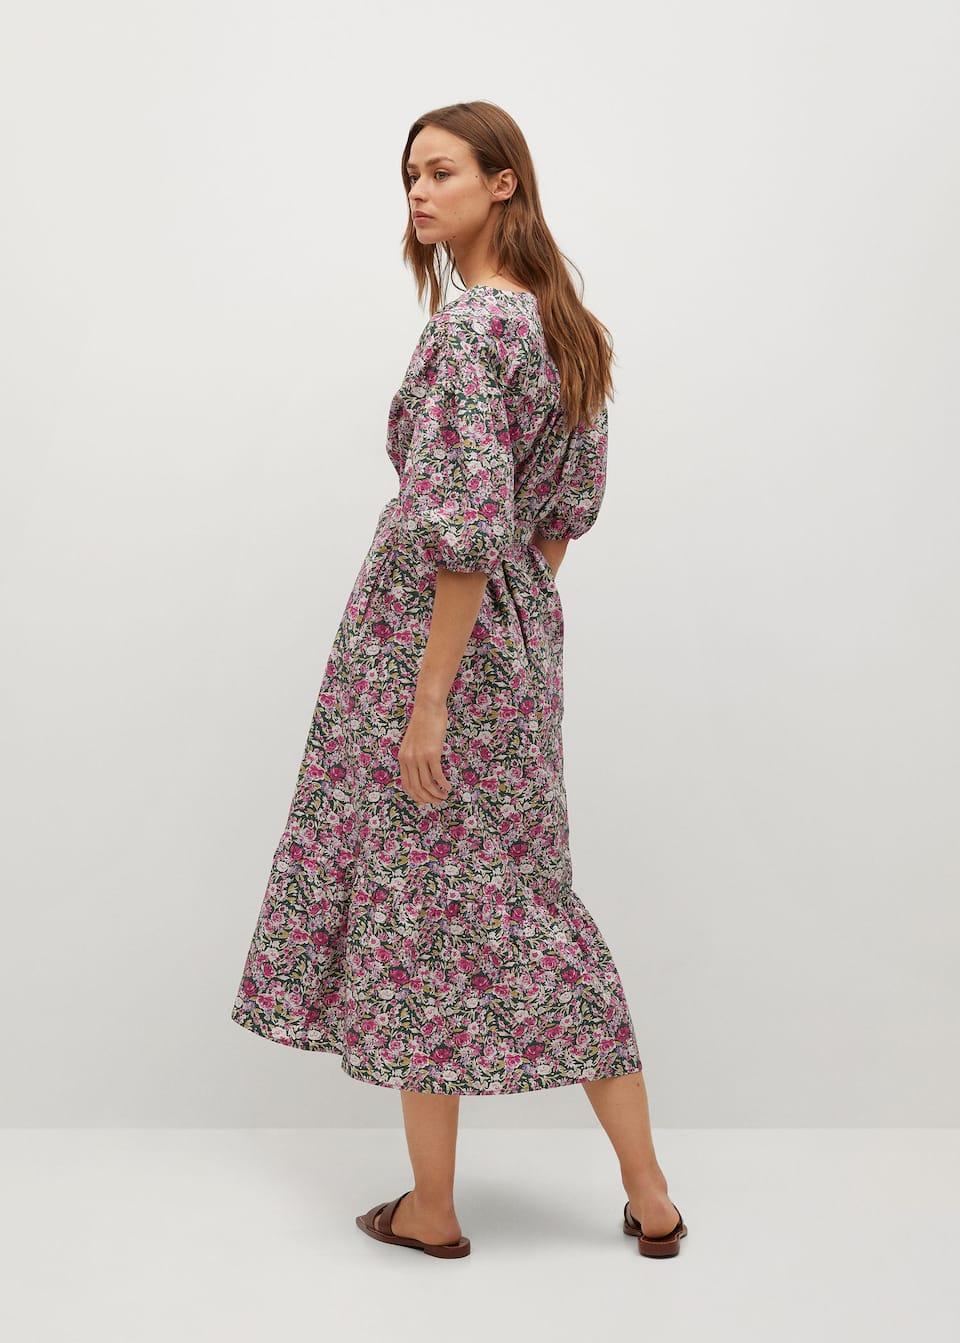 Baumwollkleid Mit Blumenmotiven Damen Mango Deutschland